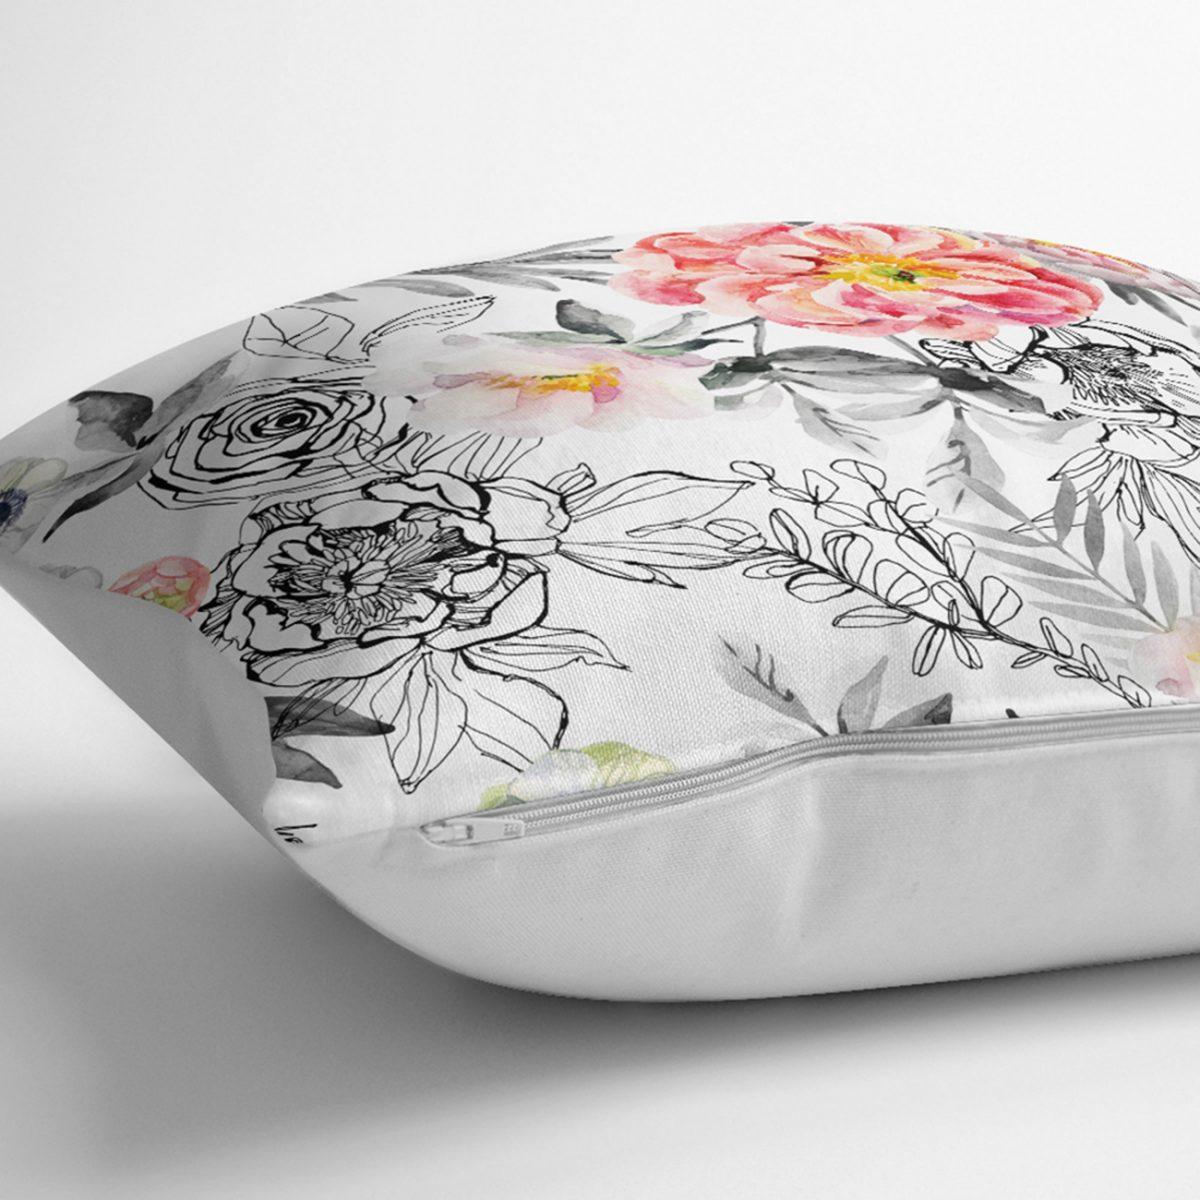 Karakalem Çizim Gül Motiflı Özel Tasarım Kırlent Kılıfı Realhomes